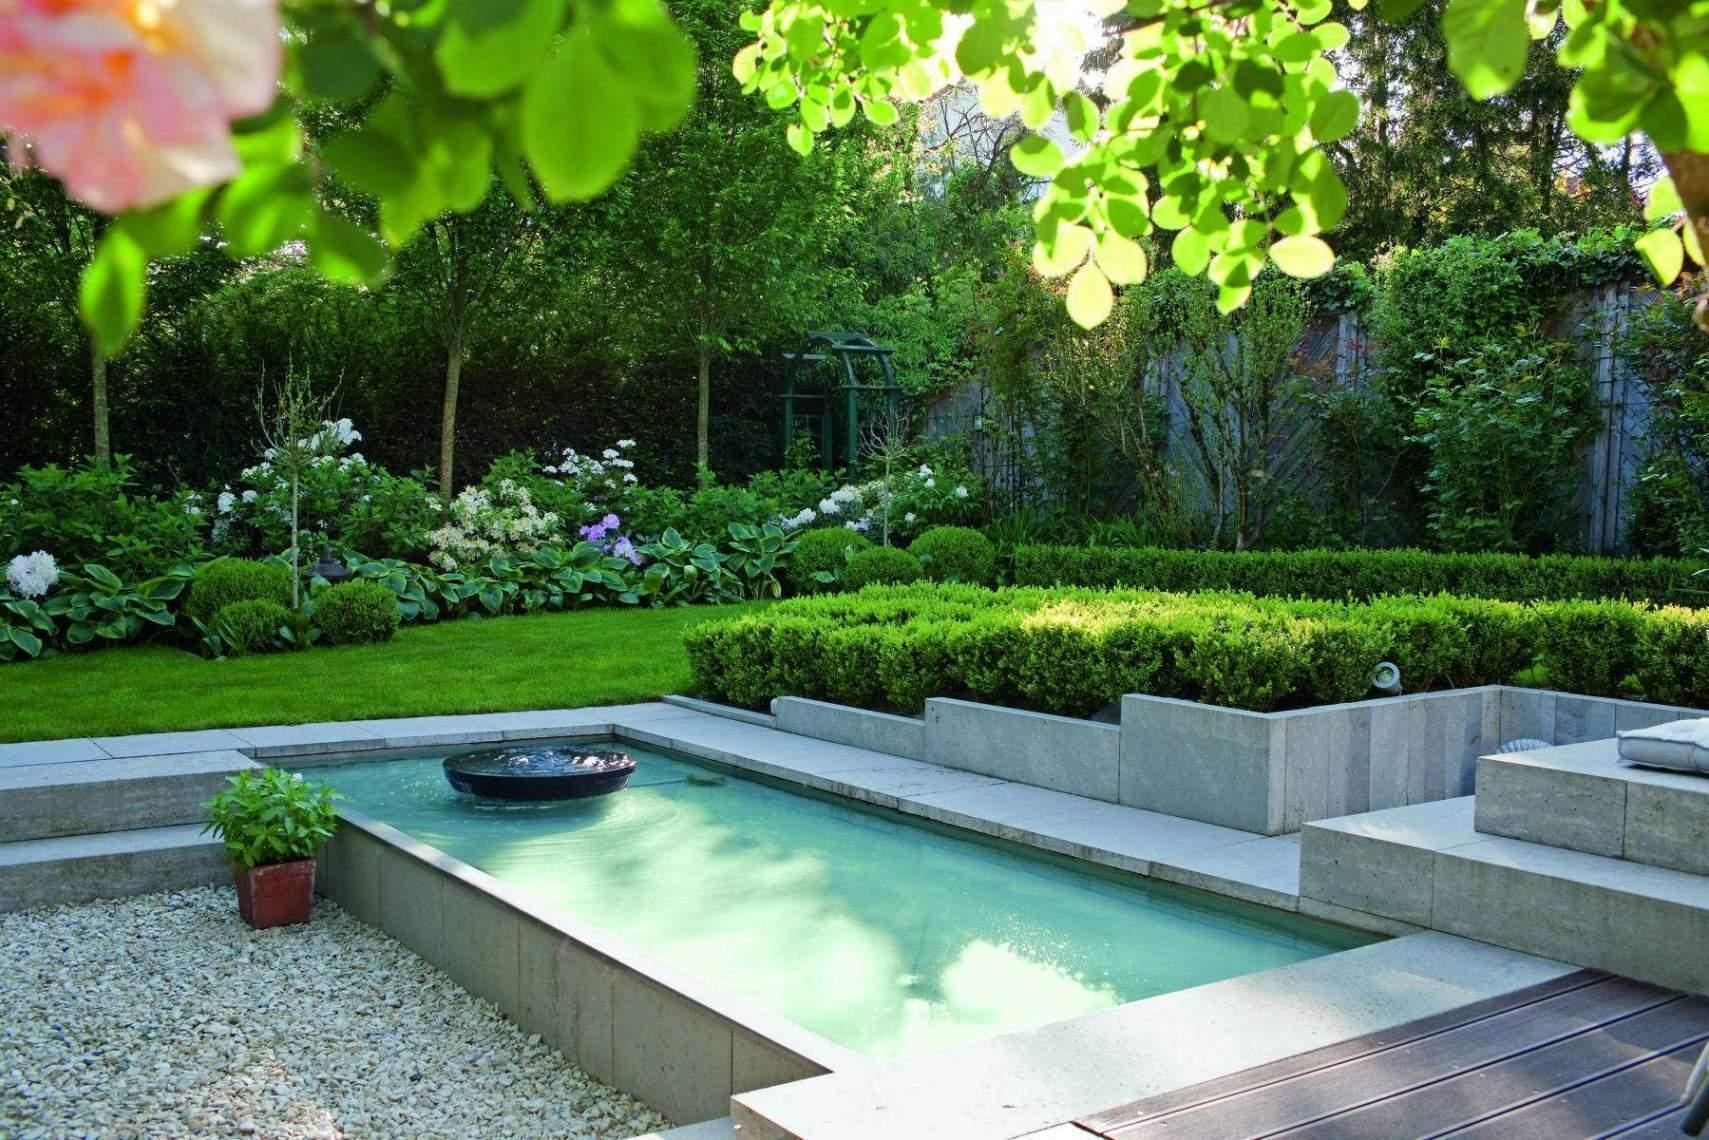 Wasserpumpe Garten Frisch 25 Elegant Wasserpumpe Für Garten Inspirierend